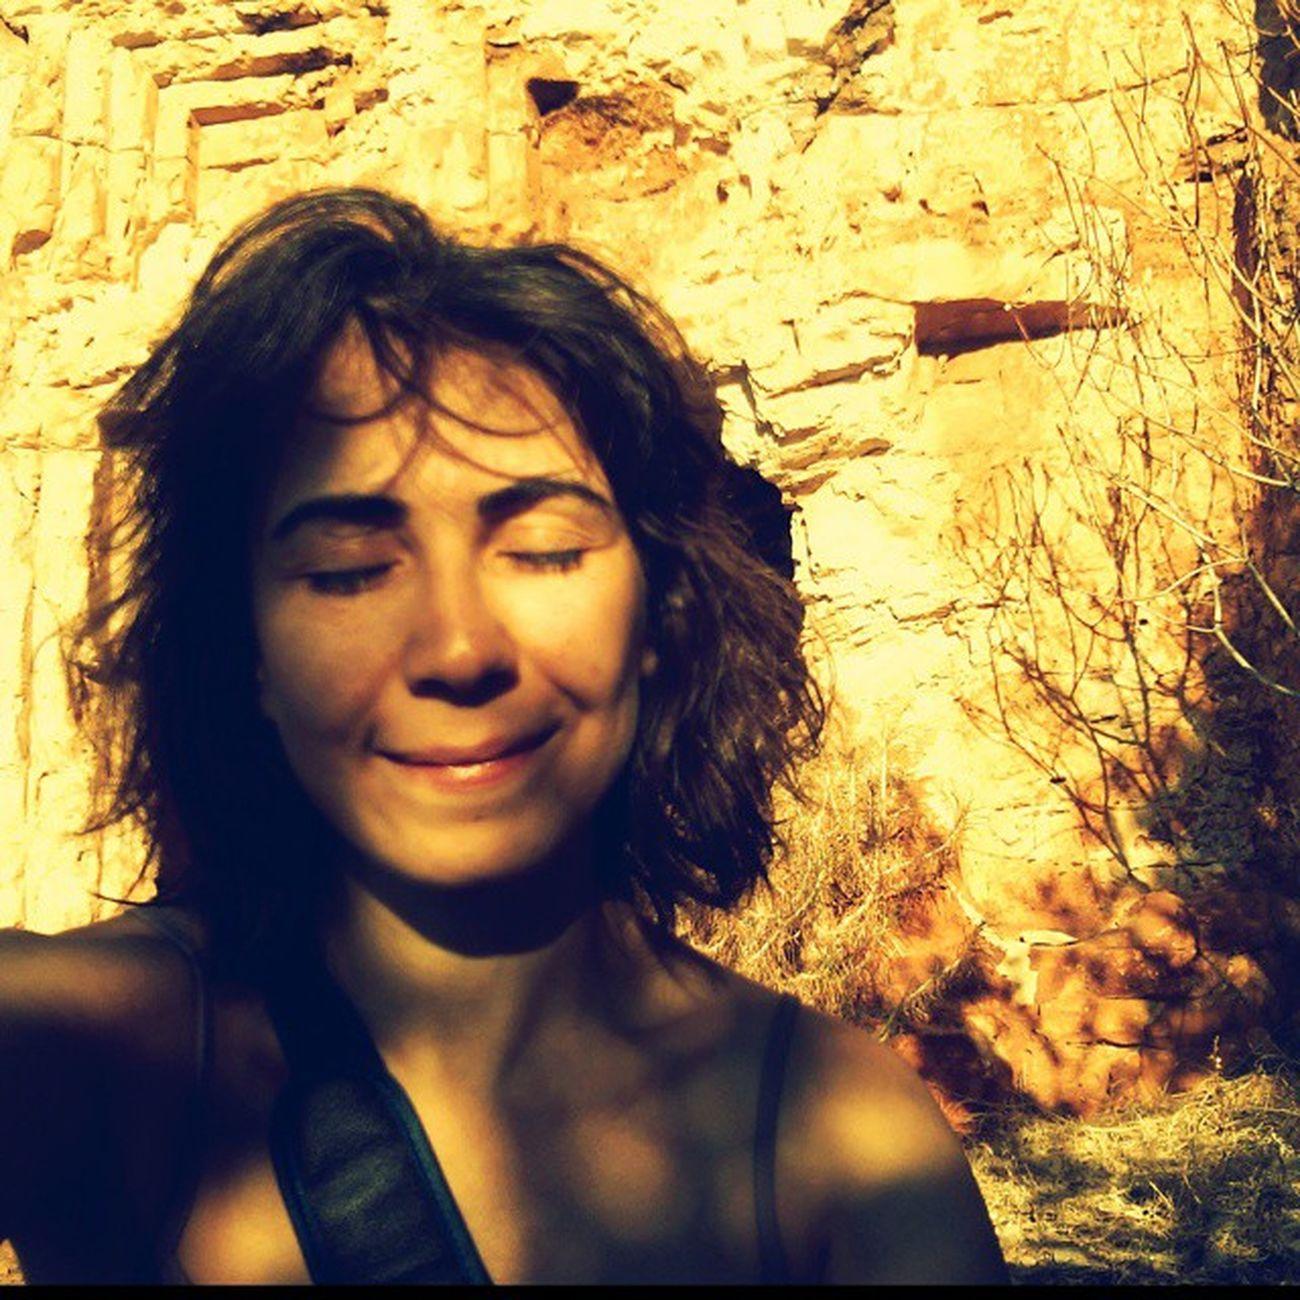 Lykia Kas Antalya Kayamezari limanagzi selfie peace relax chill